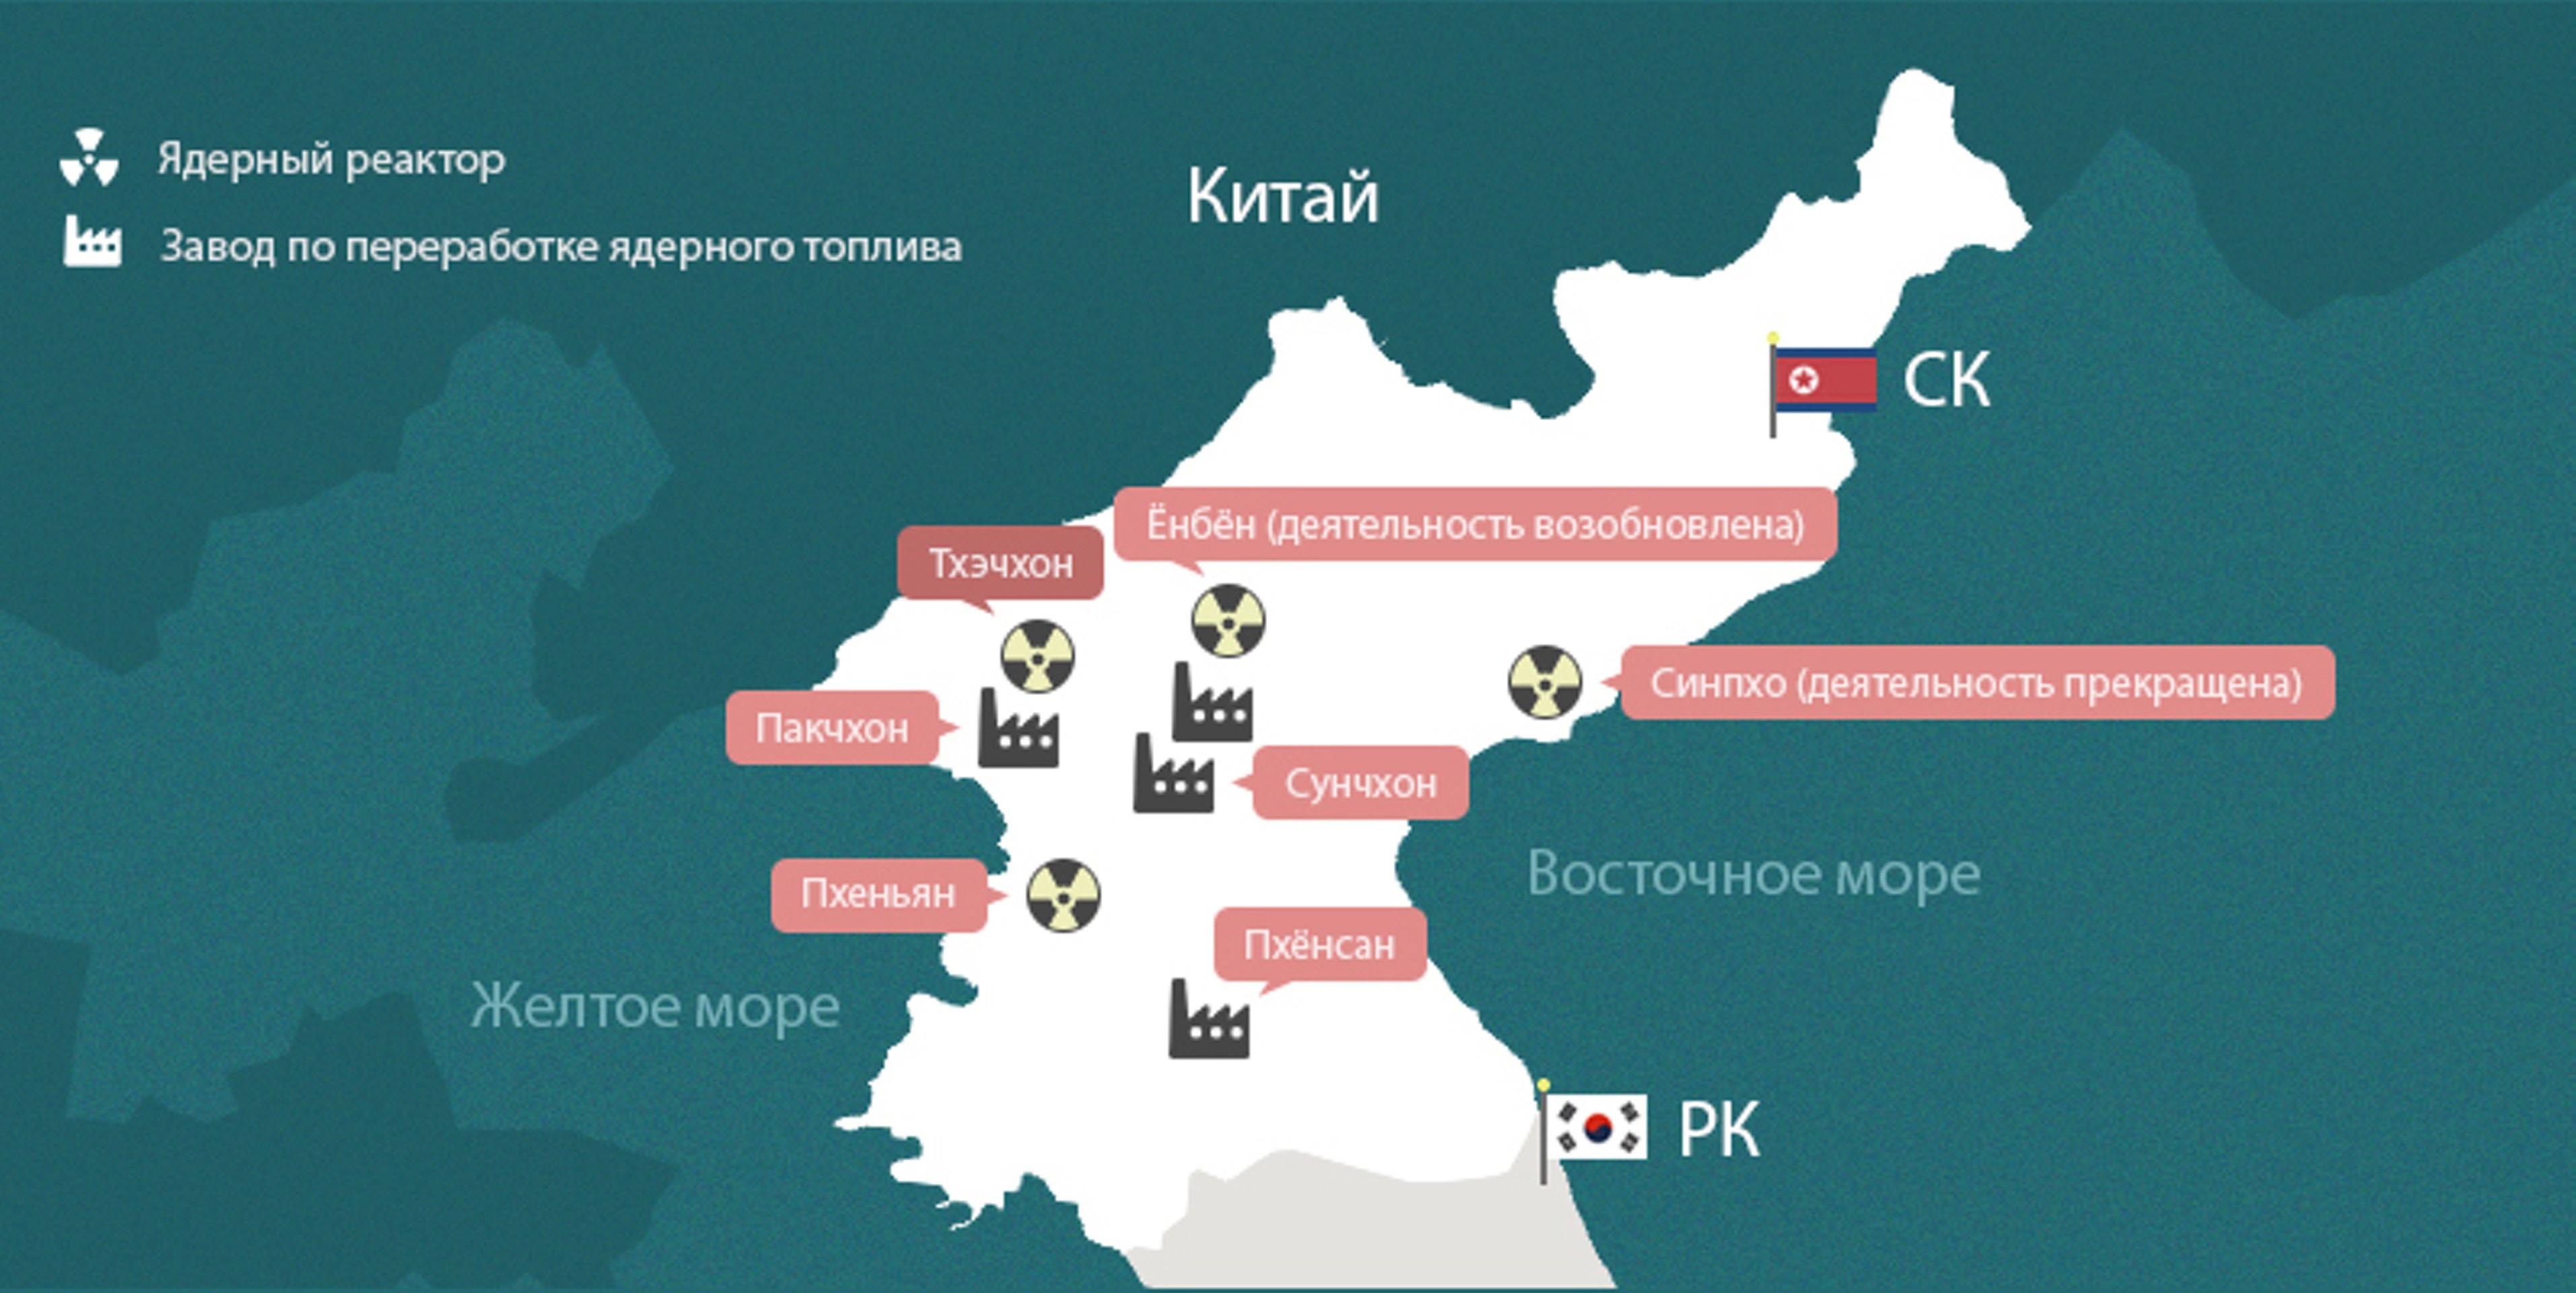 Северная Корея - ключевая тема для США и Китая